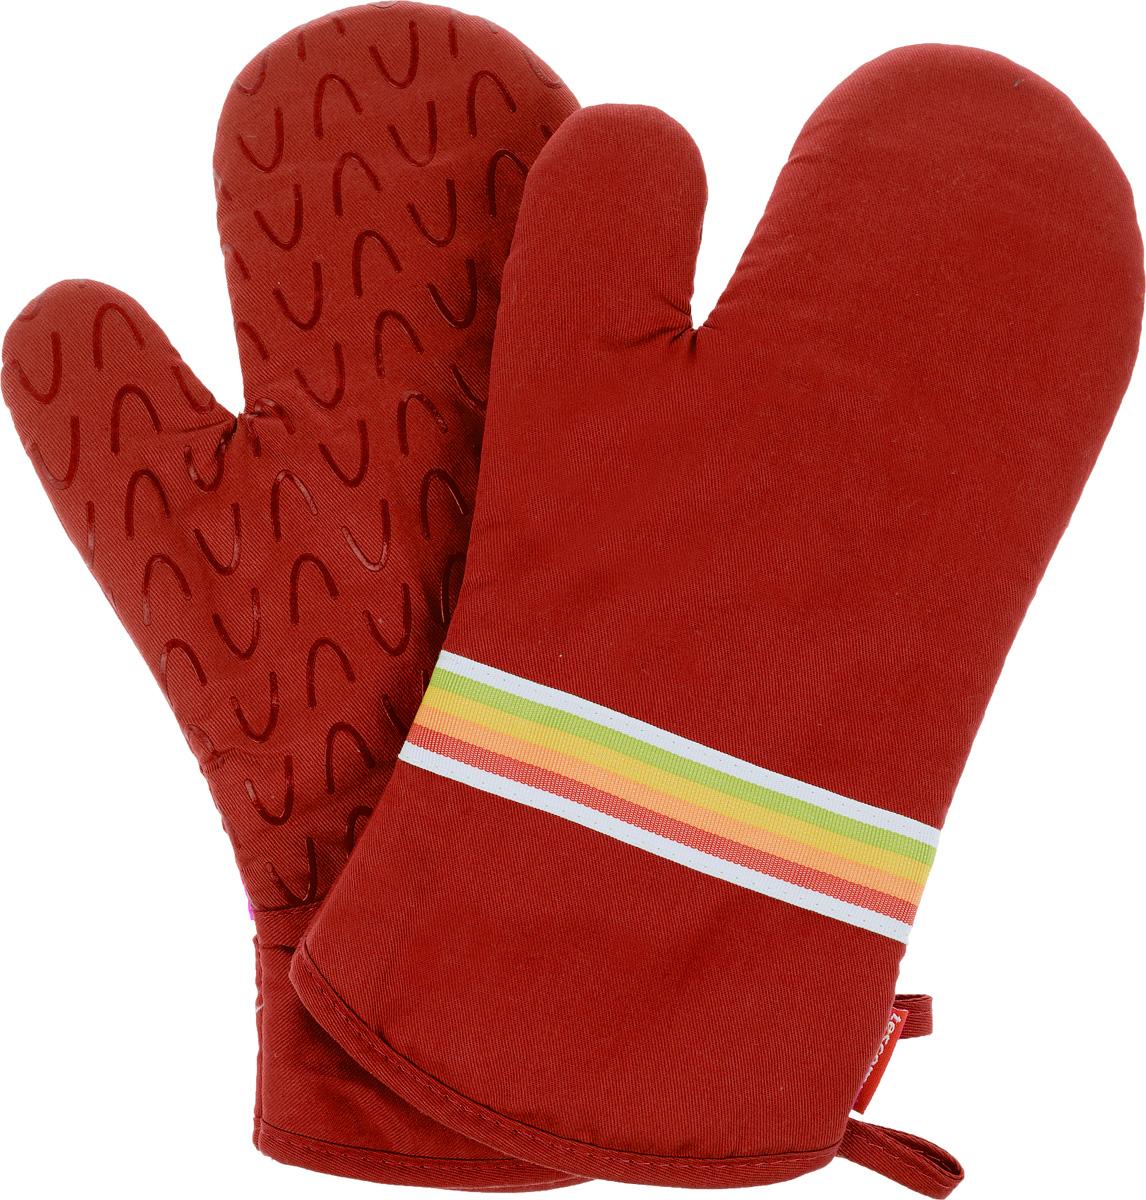 Рукавица-прихватка Tescoma Presto Tone, цвет: красный, 33 х 18 см, 2 шт639751_красныйРукавица-прихватка Tescoma Presto Tone, изготовленная из 100% хлопка и термостойкого силикона, имеет яркий дизайн. Для простоты и удобства хранения, изделие оснащено петелькой для подвешивания и магнитом. Такая прихватка защитит ваши руки от высоких температур и предотвратит появление ожогов. Рекомендуется стирка при температуре 30°С. Размер изделия (ДхШ): 33 х 18 см. Комплектация: 2 шт.